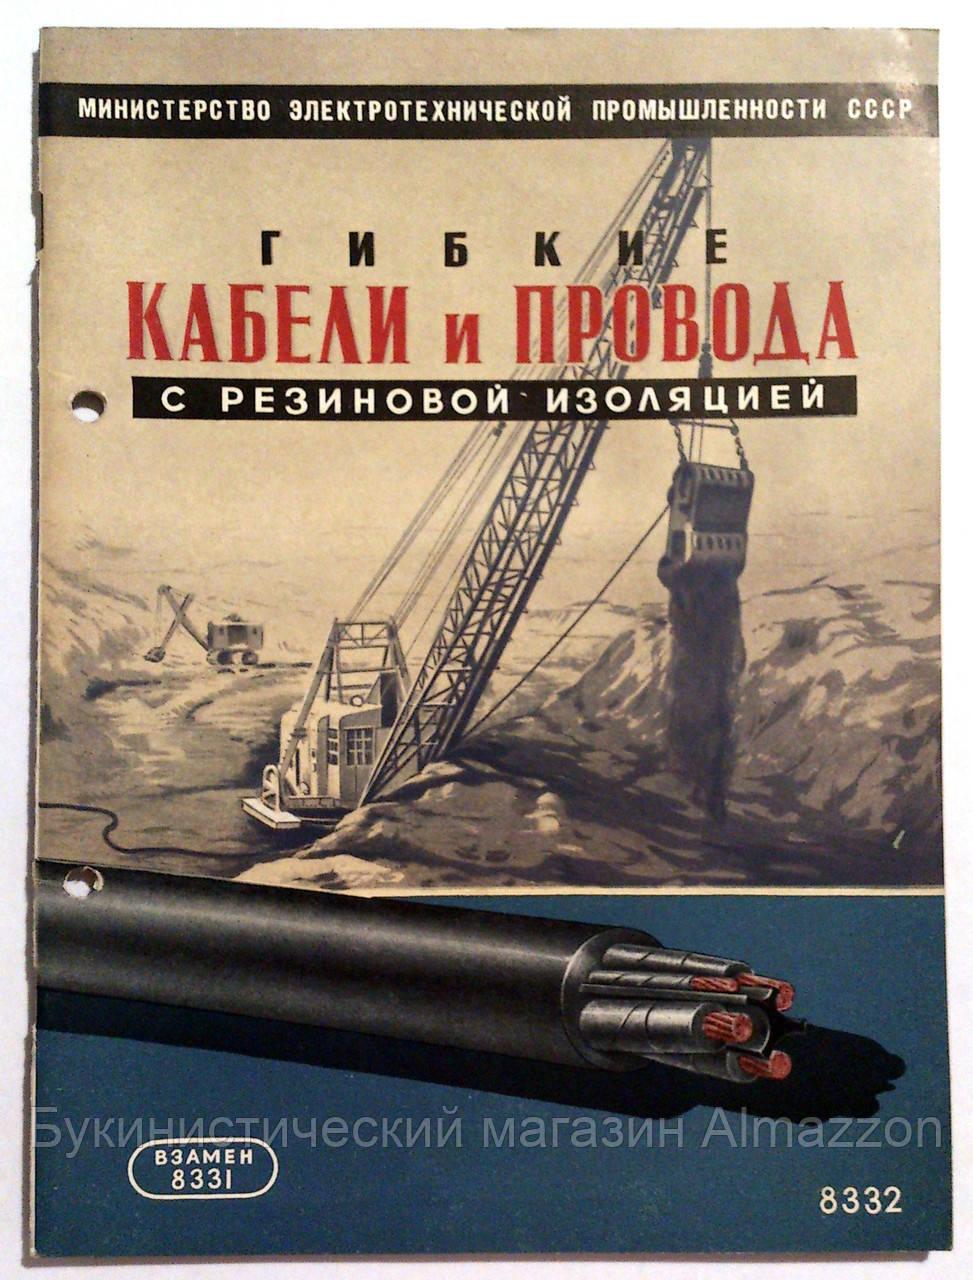 """Журнал (Бюллетень) """"Гибкие кабели и провода с резиновой изоляцией"""" 1955 год, фото 1"""